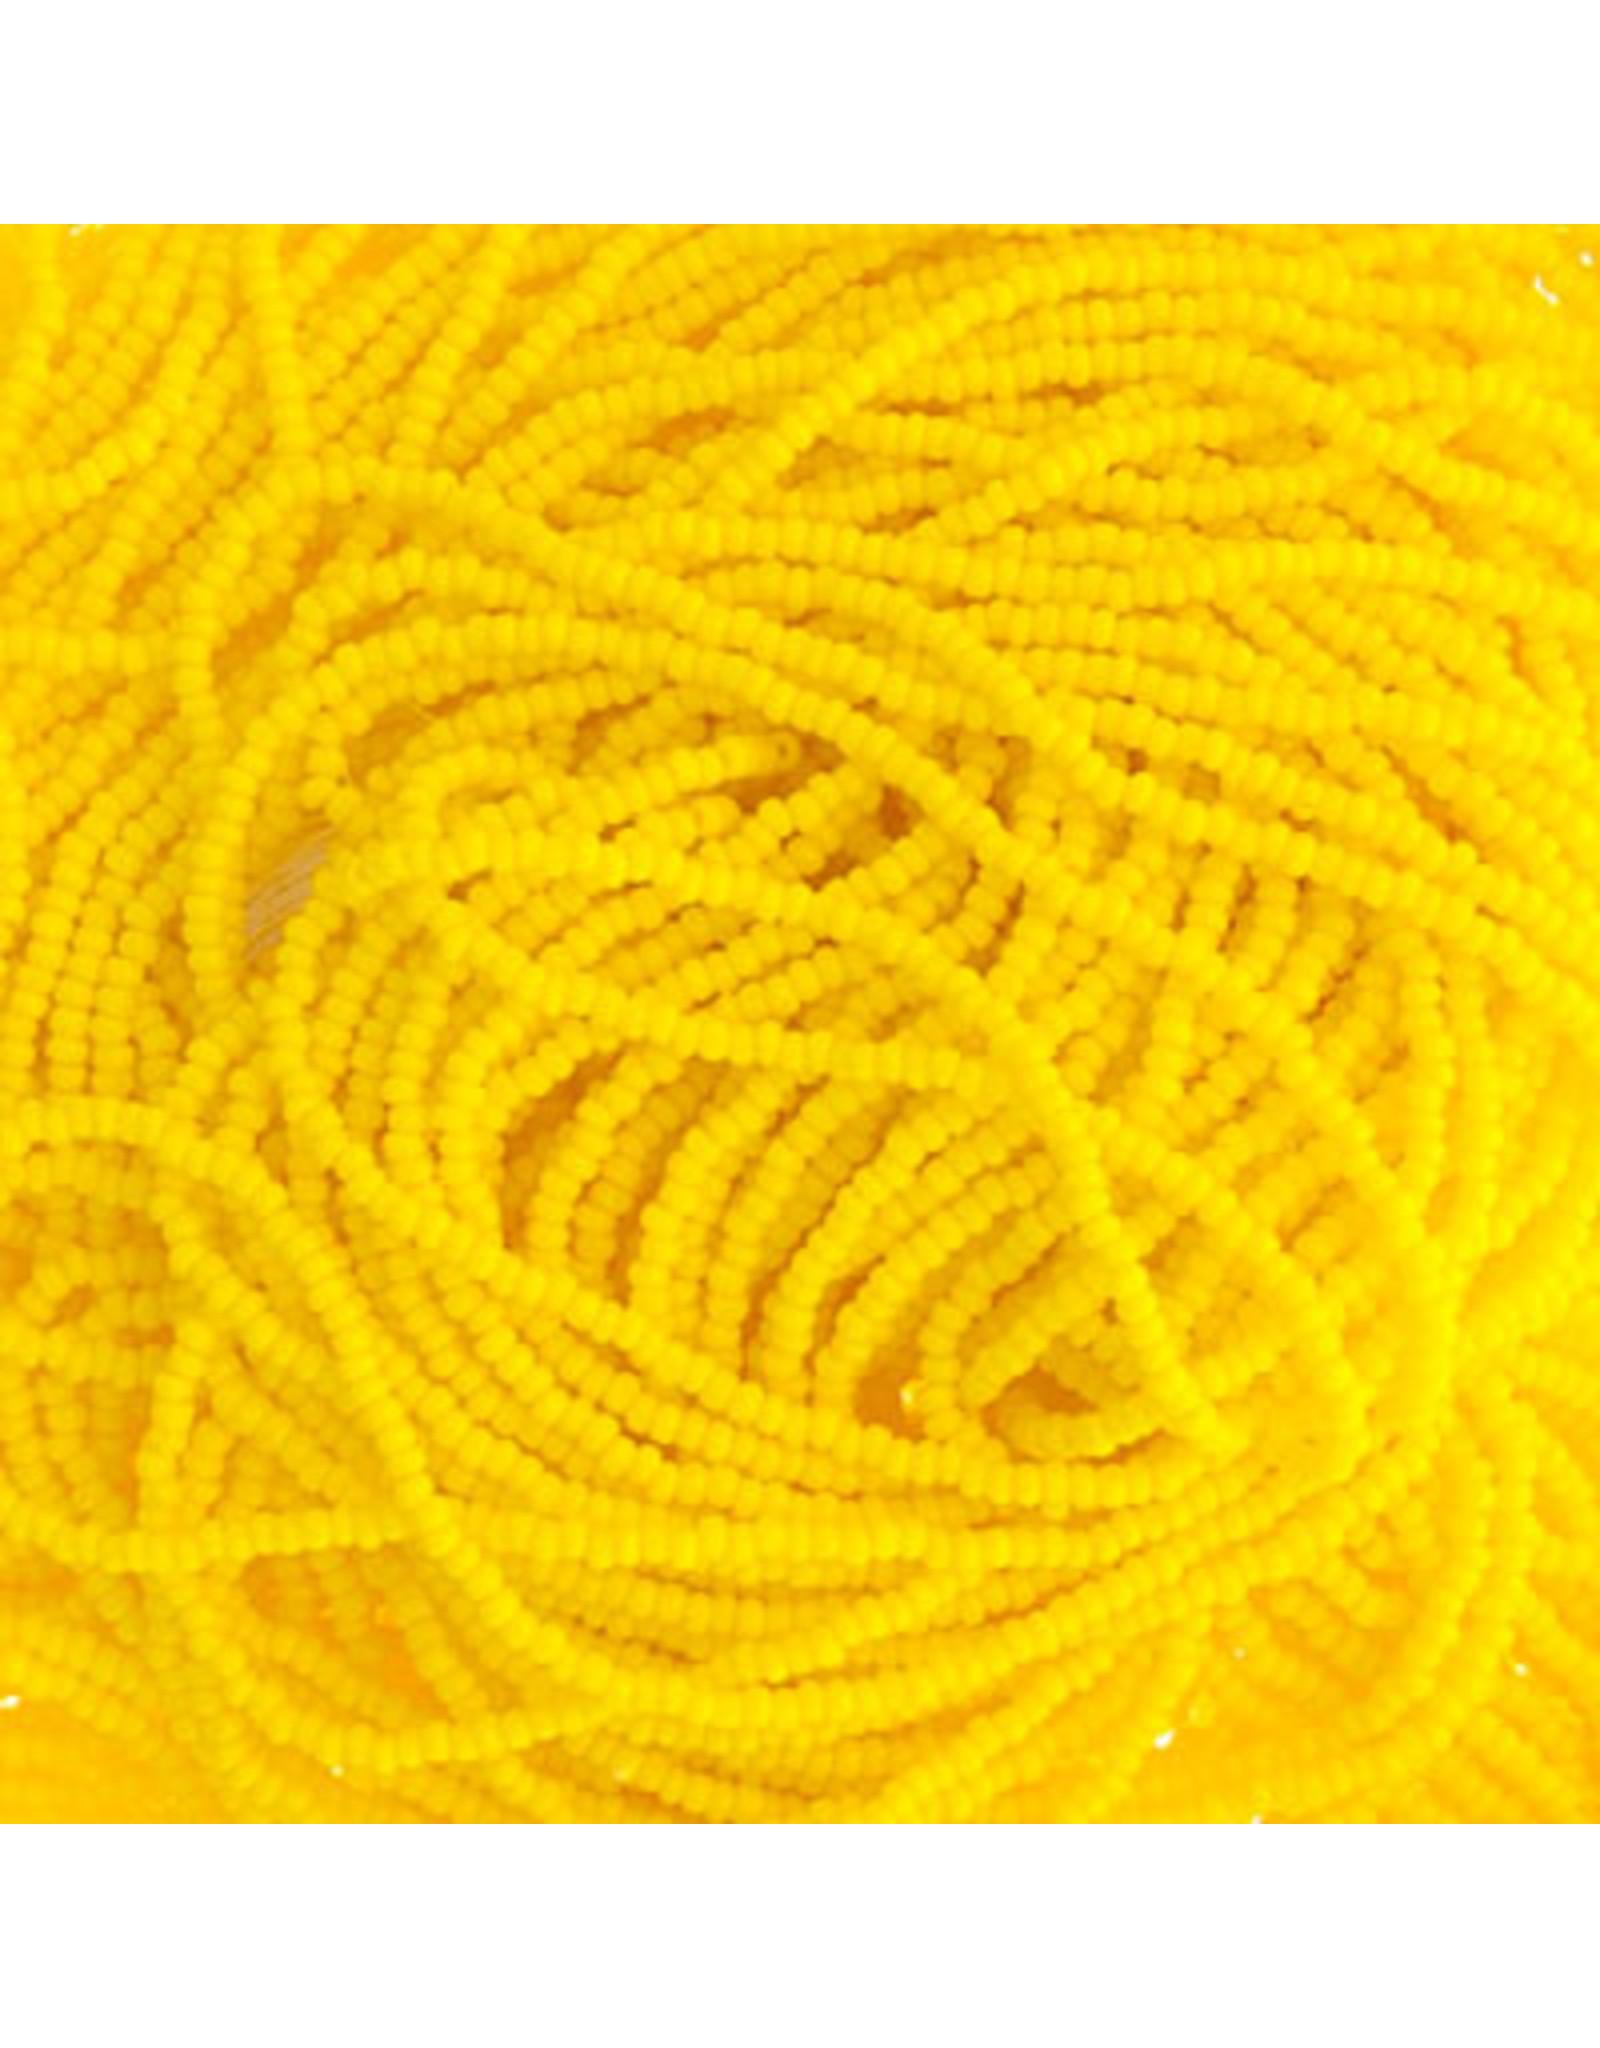 Czech 29301 13/0 Charlotte Cut Seed Hank 12g Opaque Lemon Yellow